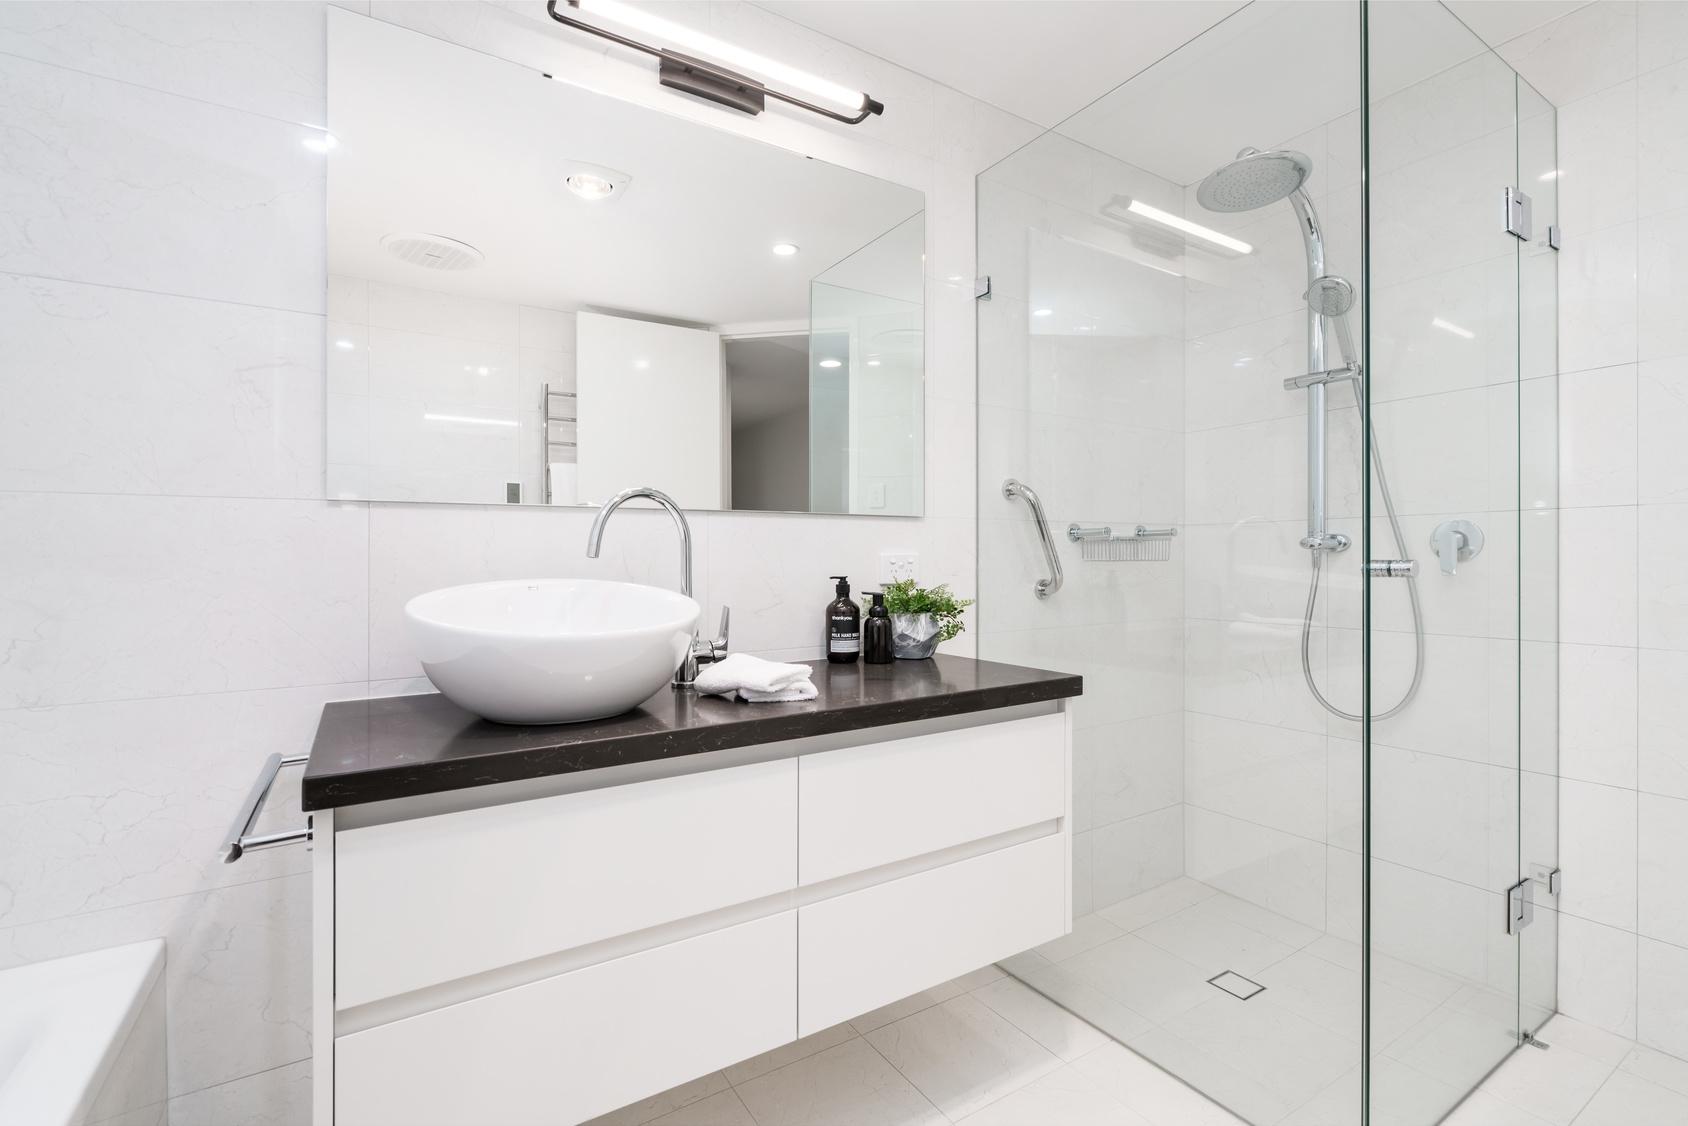 Umywalki nablatowe – wady i zalety. O czym pamiętać, wybierając umywalkę nablatową?